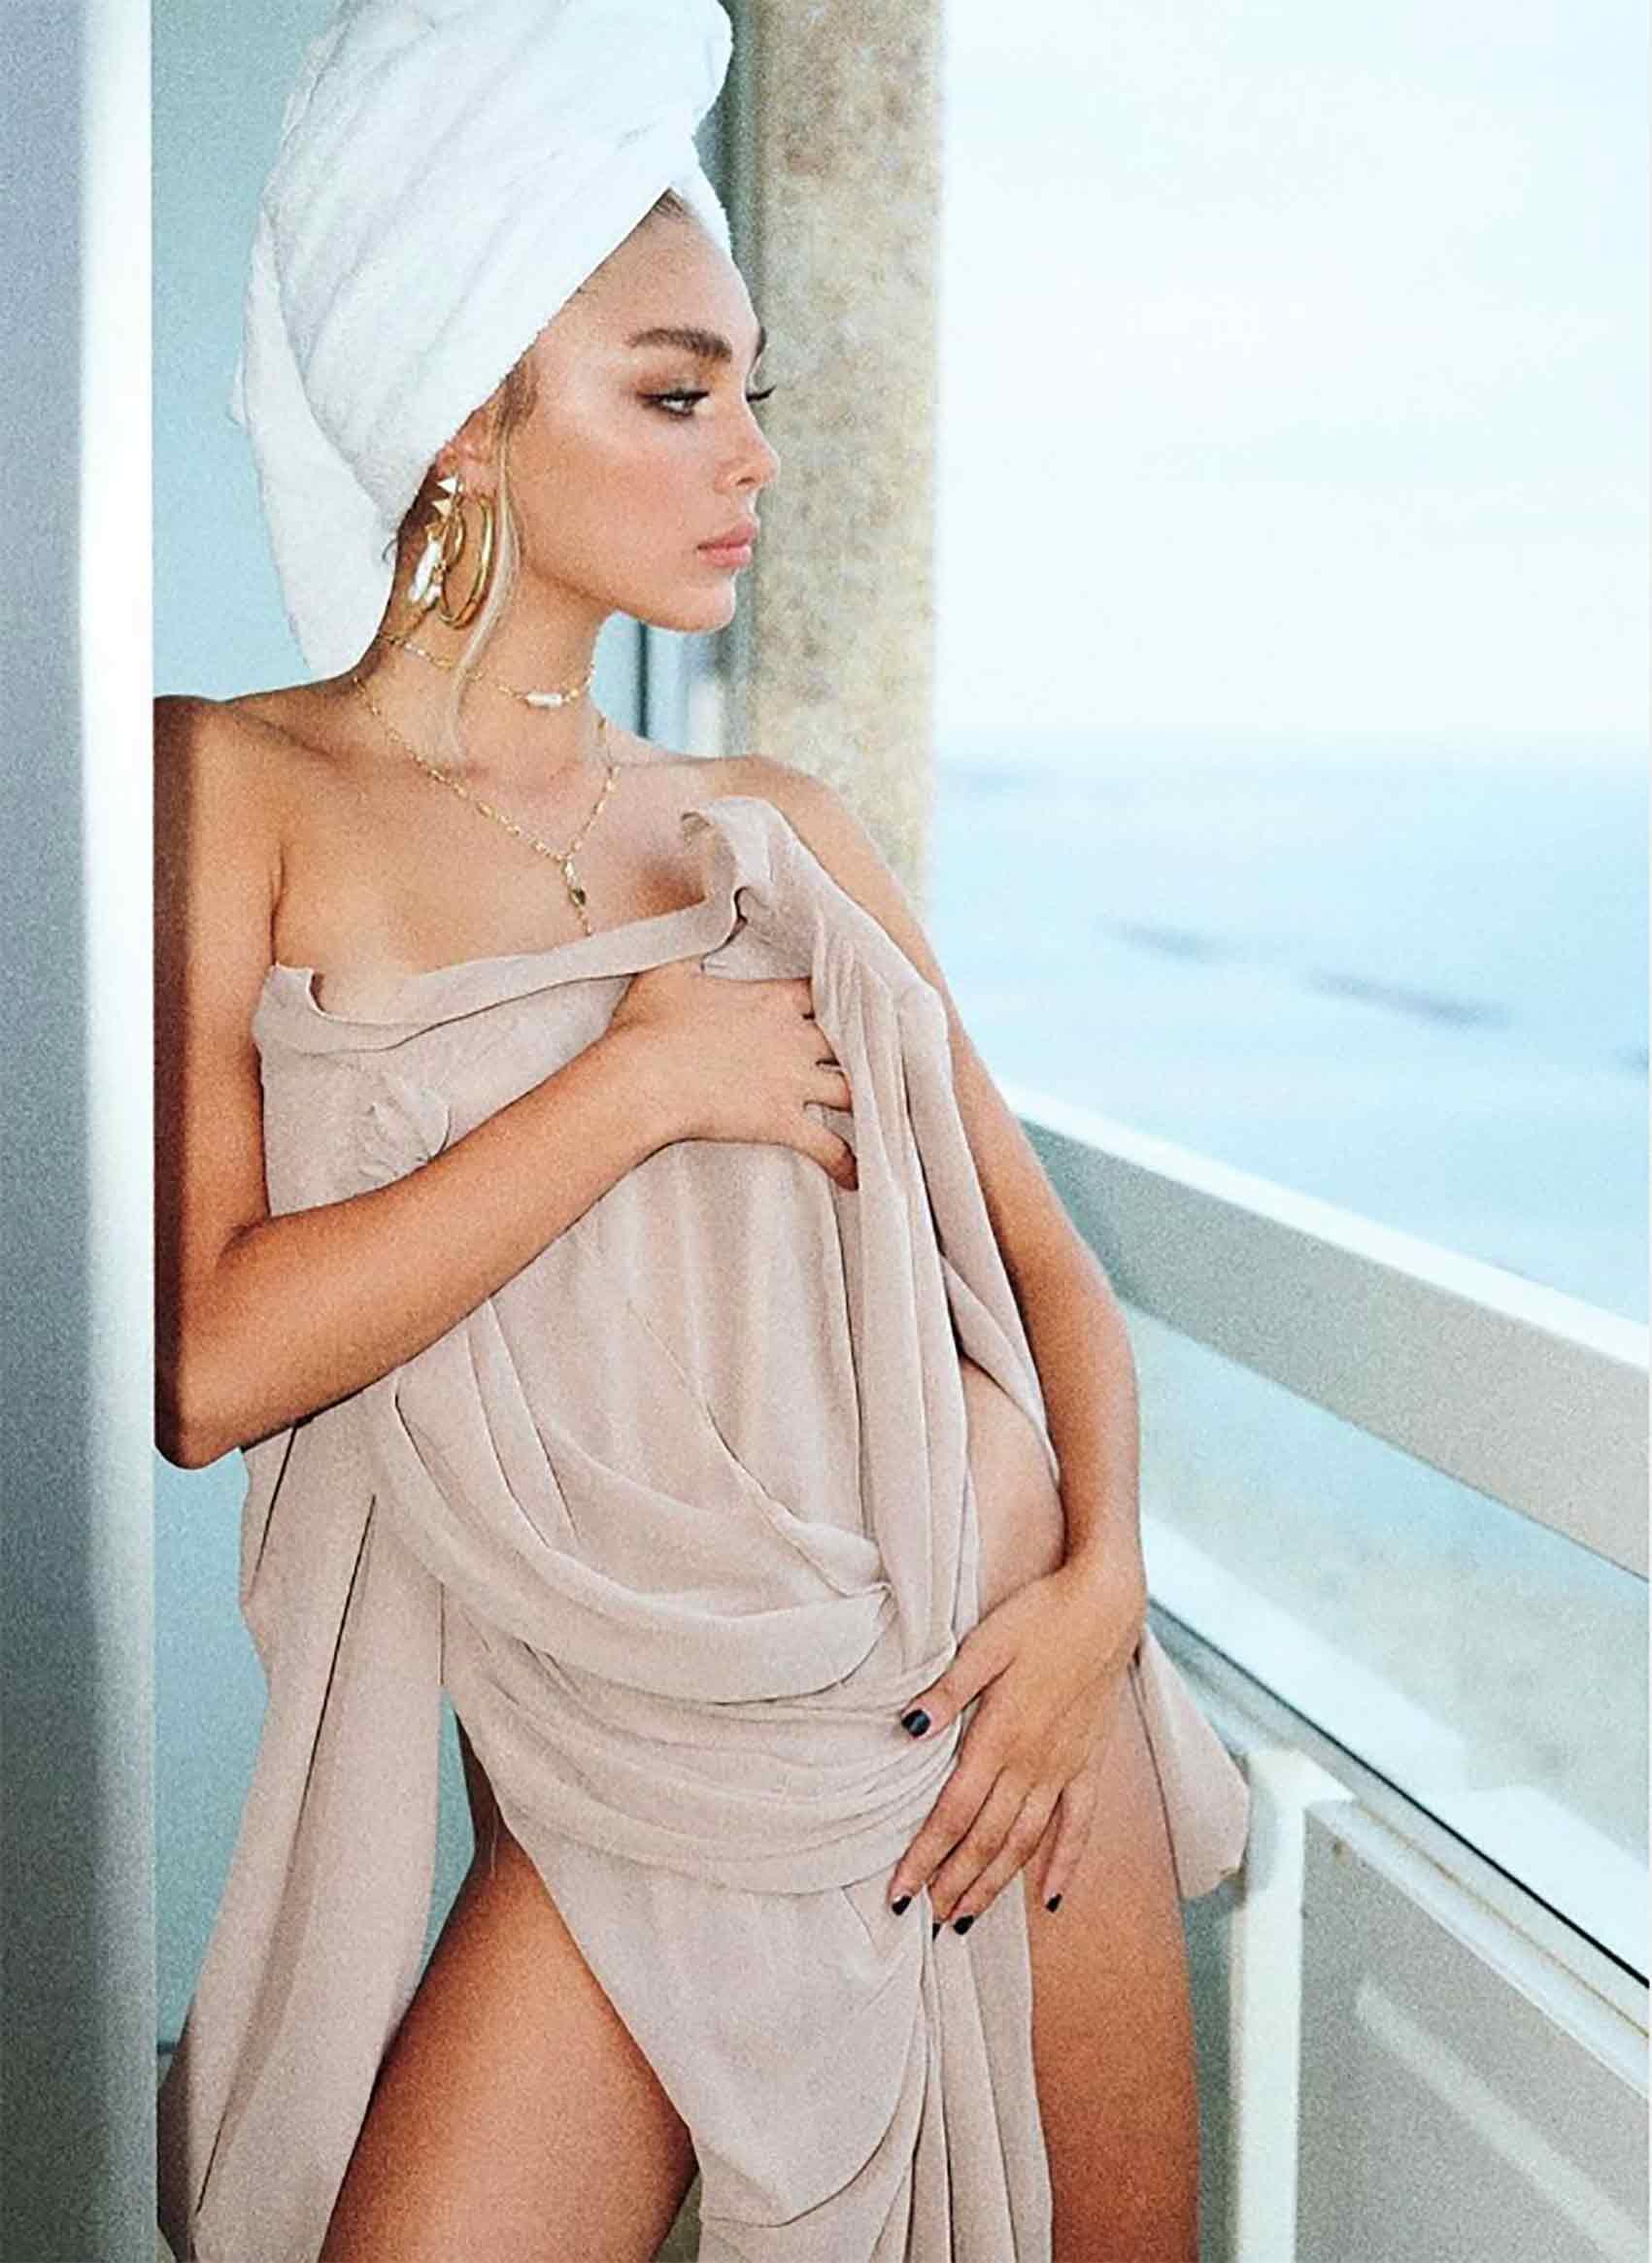 מאיה קיי-כתבות-אופנה